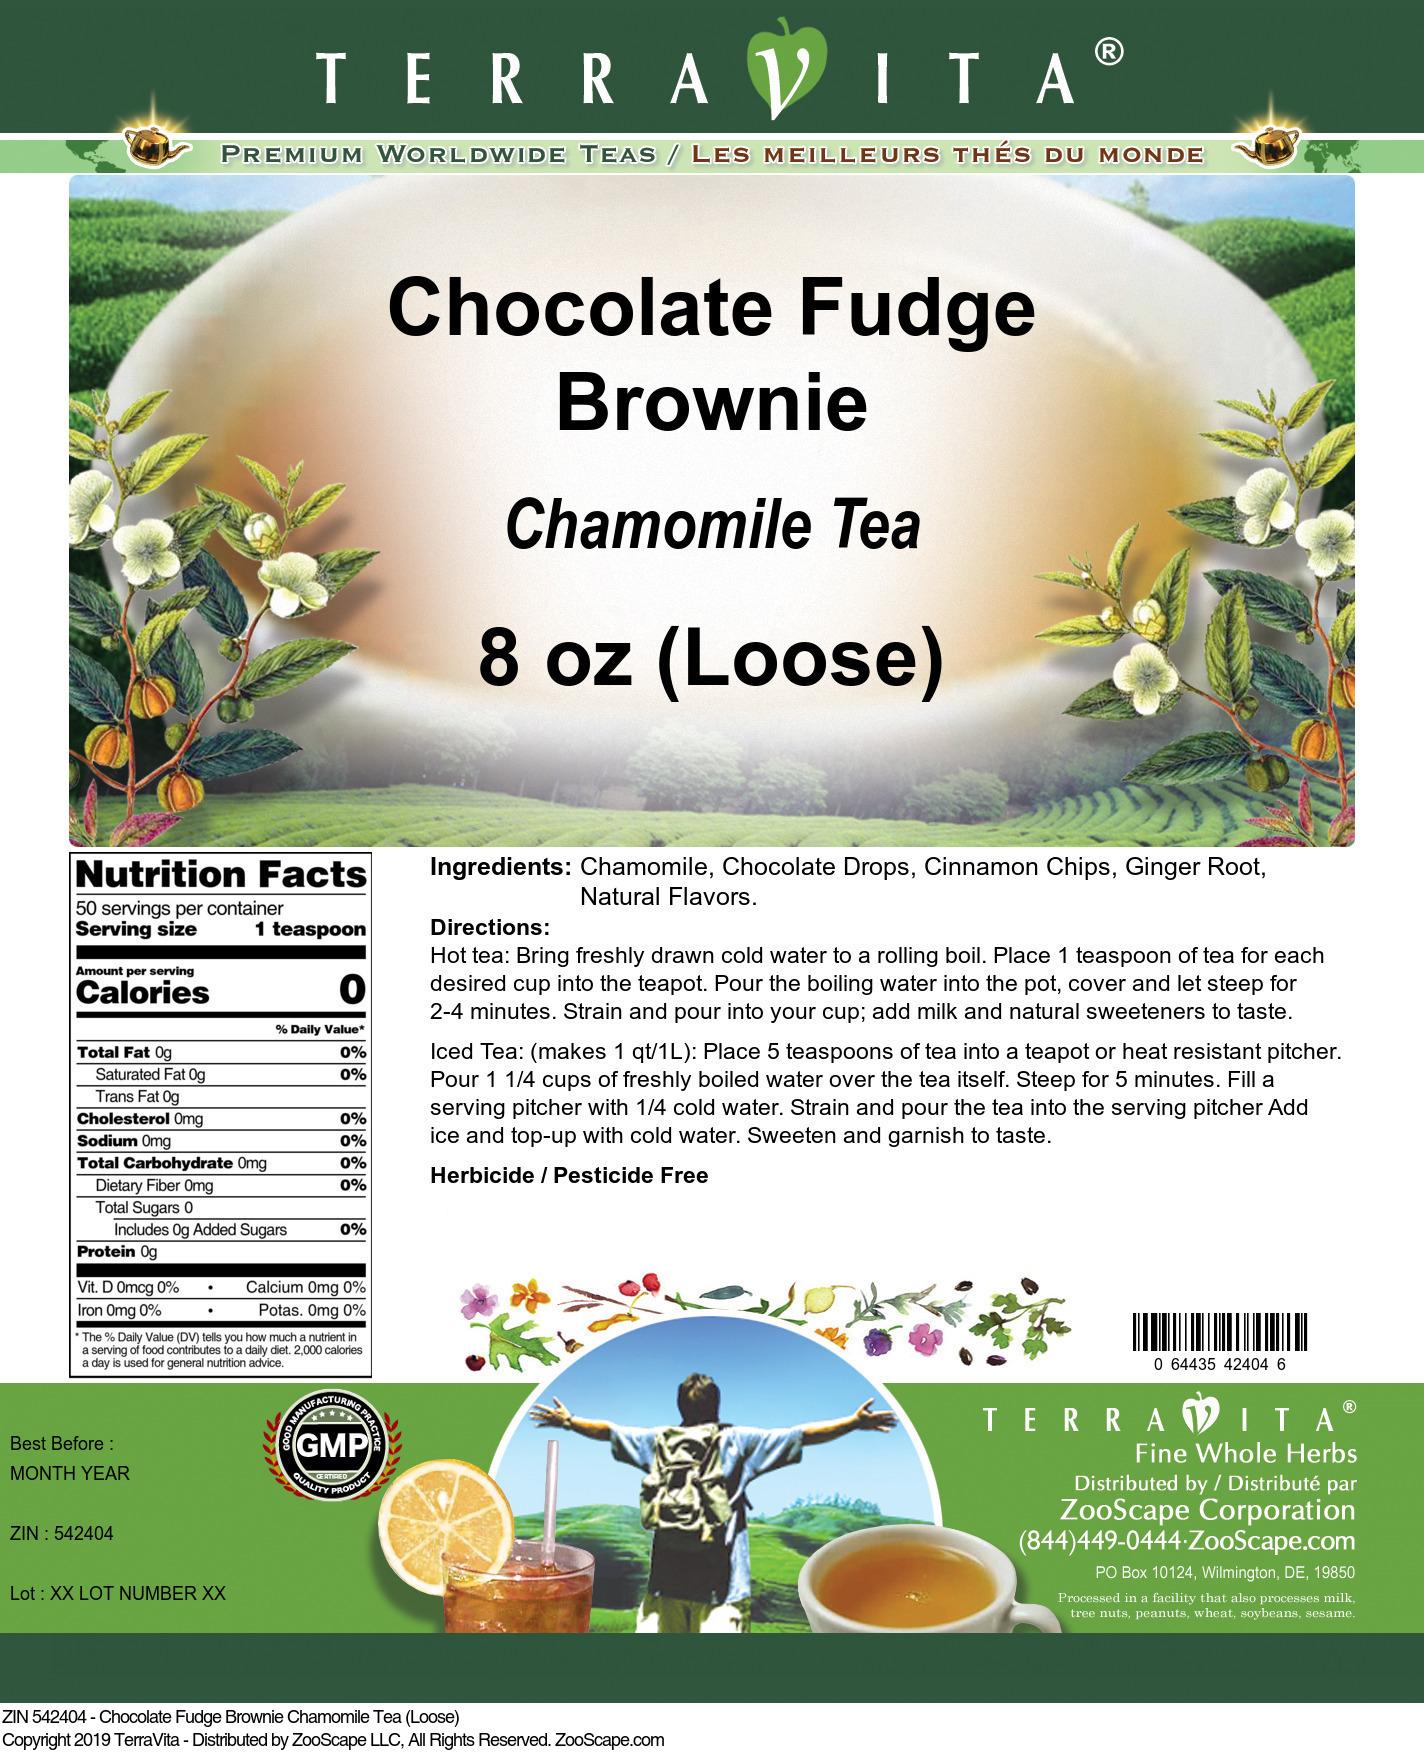 Chocolate Fudge Brownie Chamomile Tea